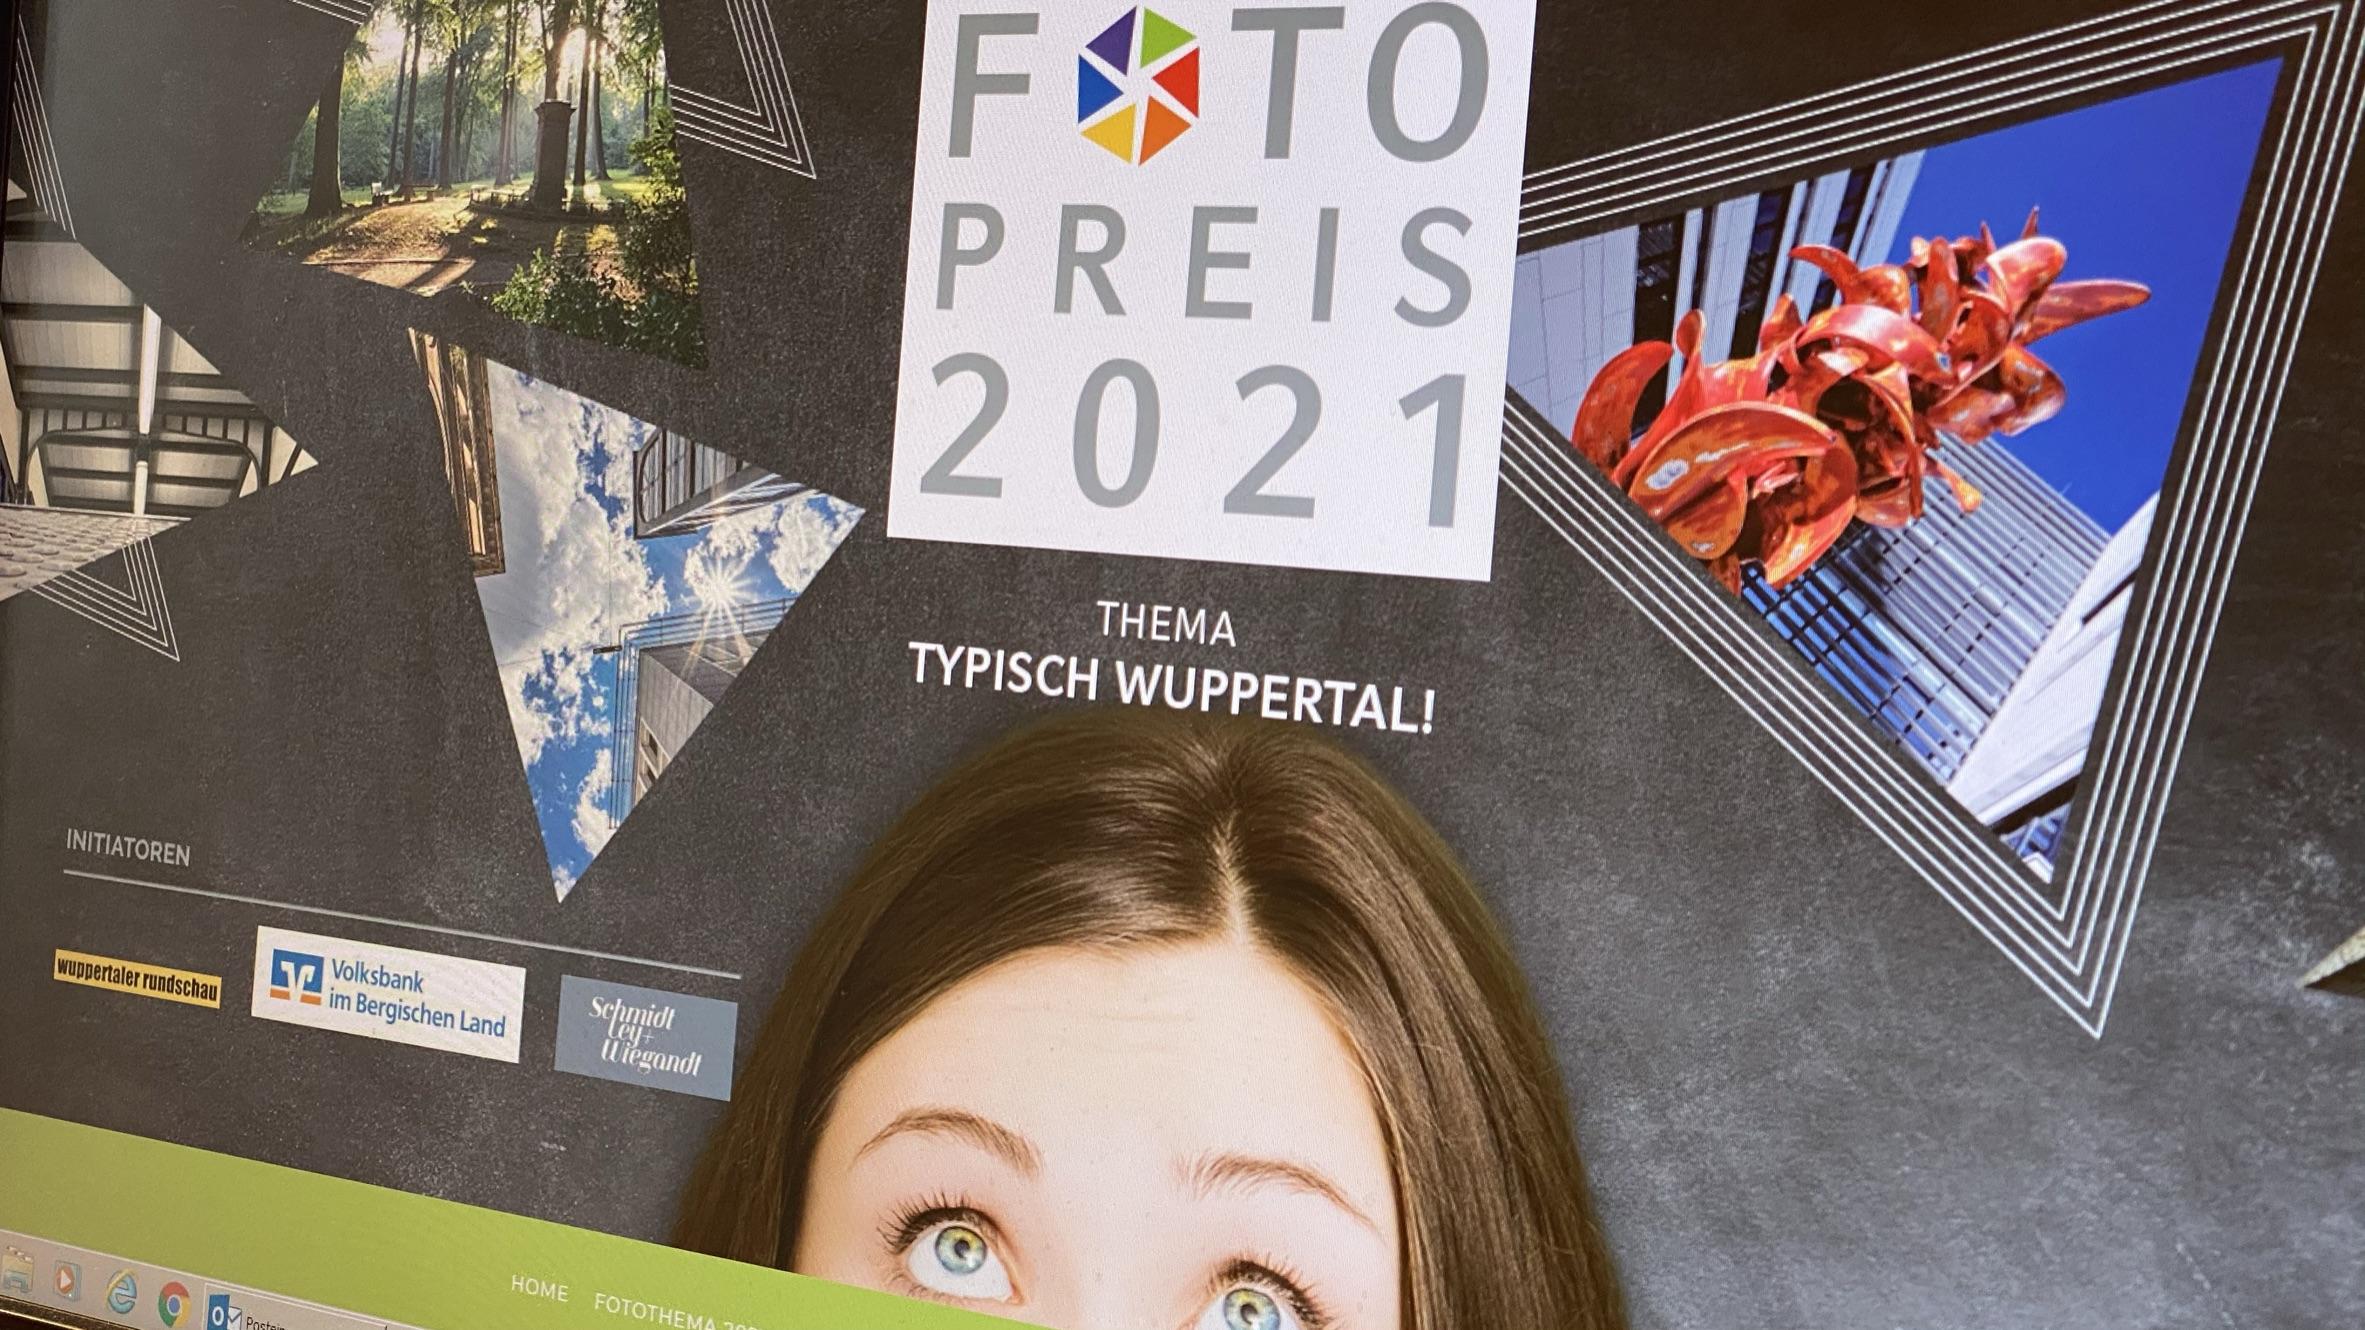 21-04-17 Start Wuppertaler Foto-Preis 2021